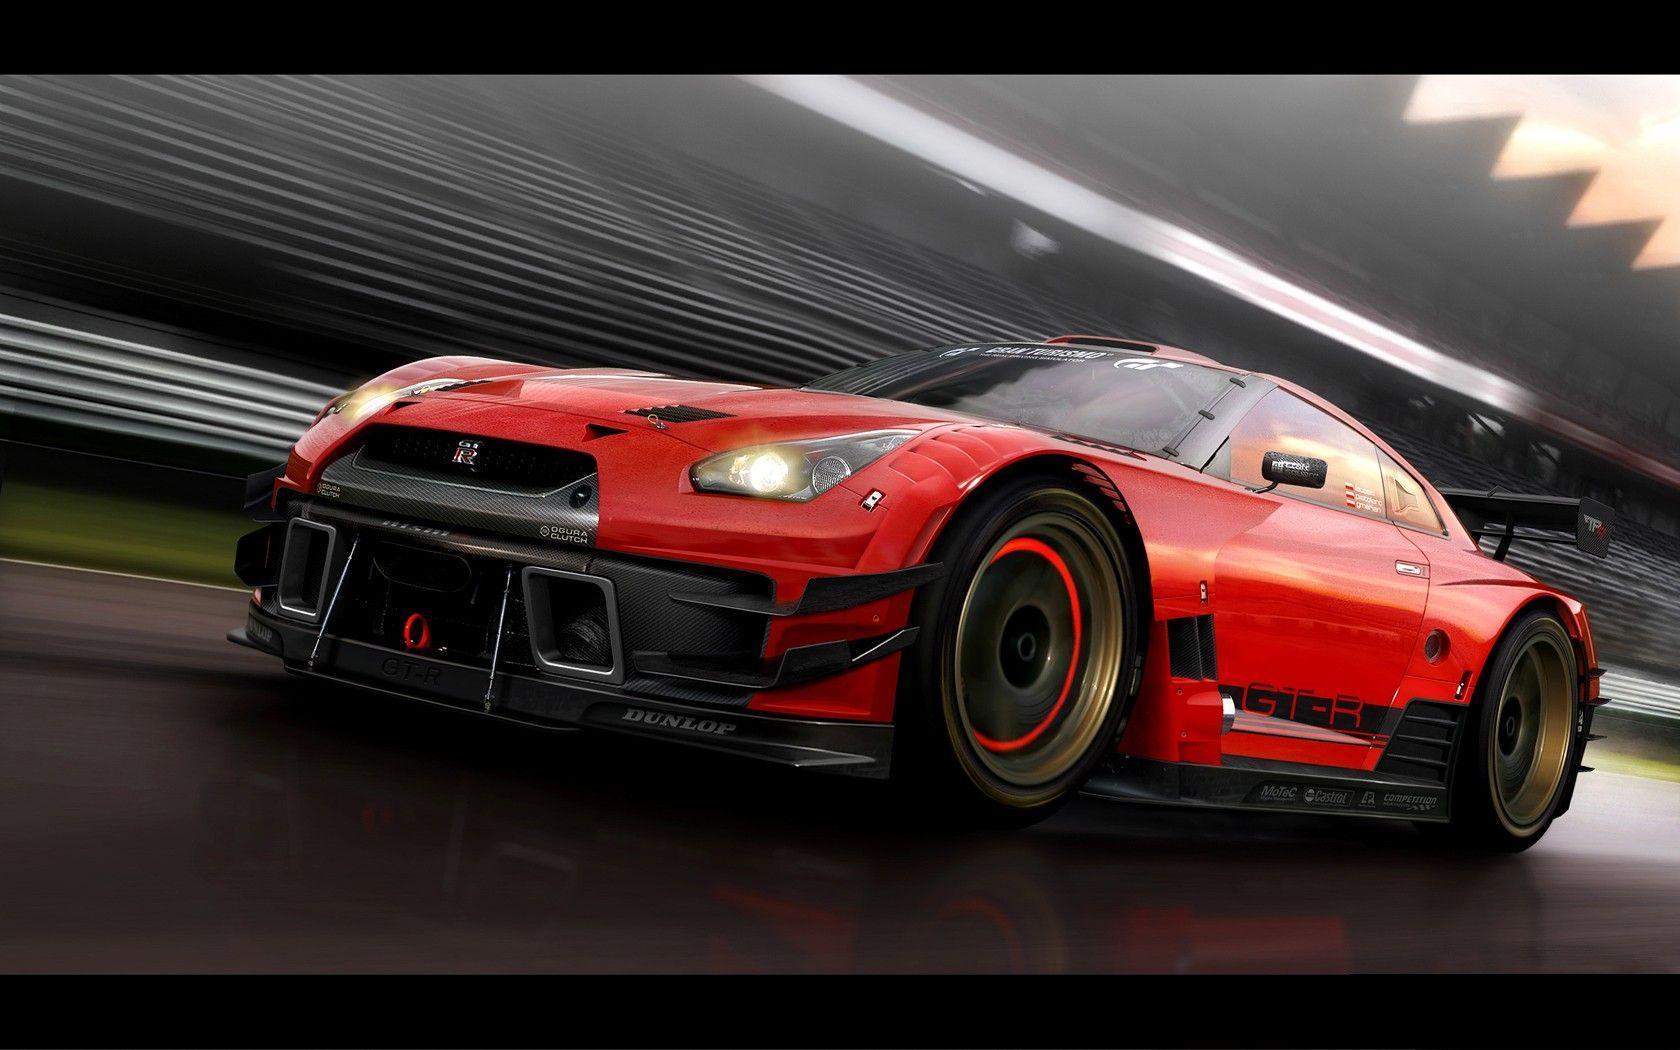 Nissan GTR iPhone 6 Wallpaper - WallpaperSafari